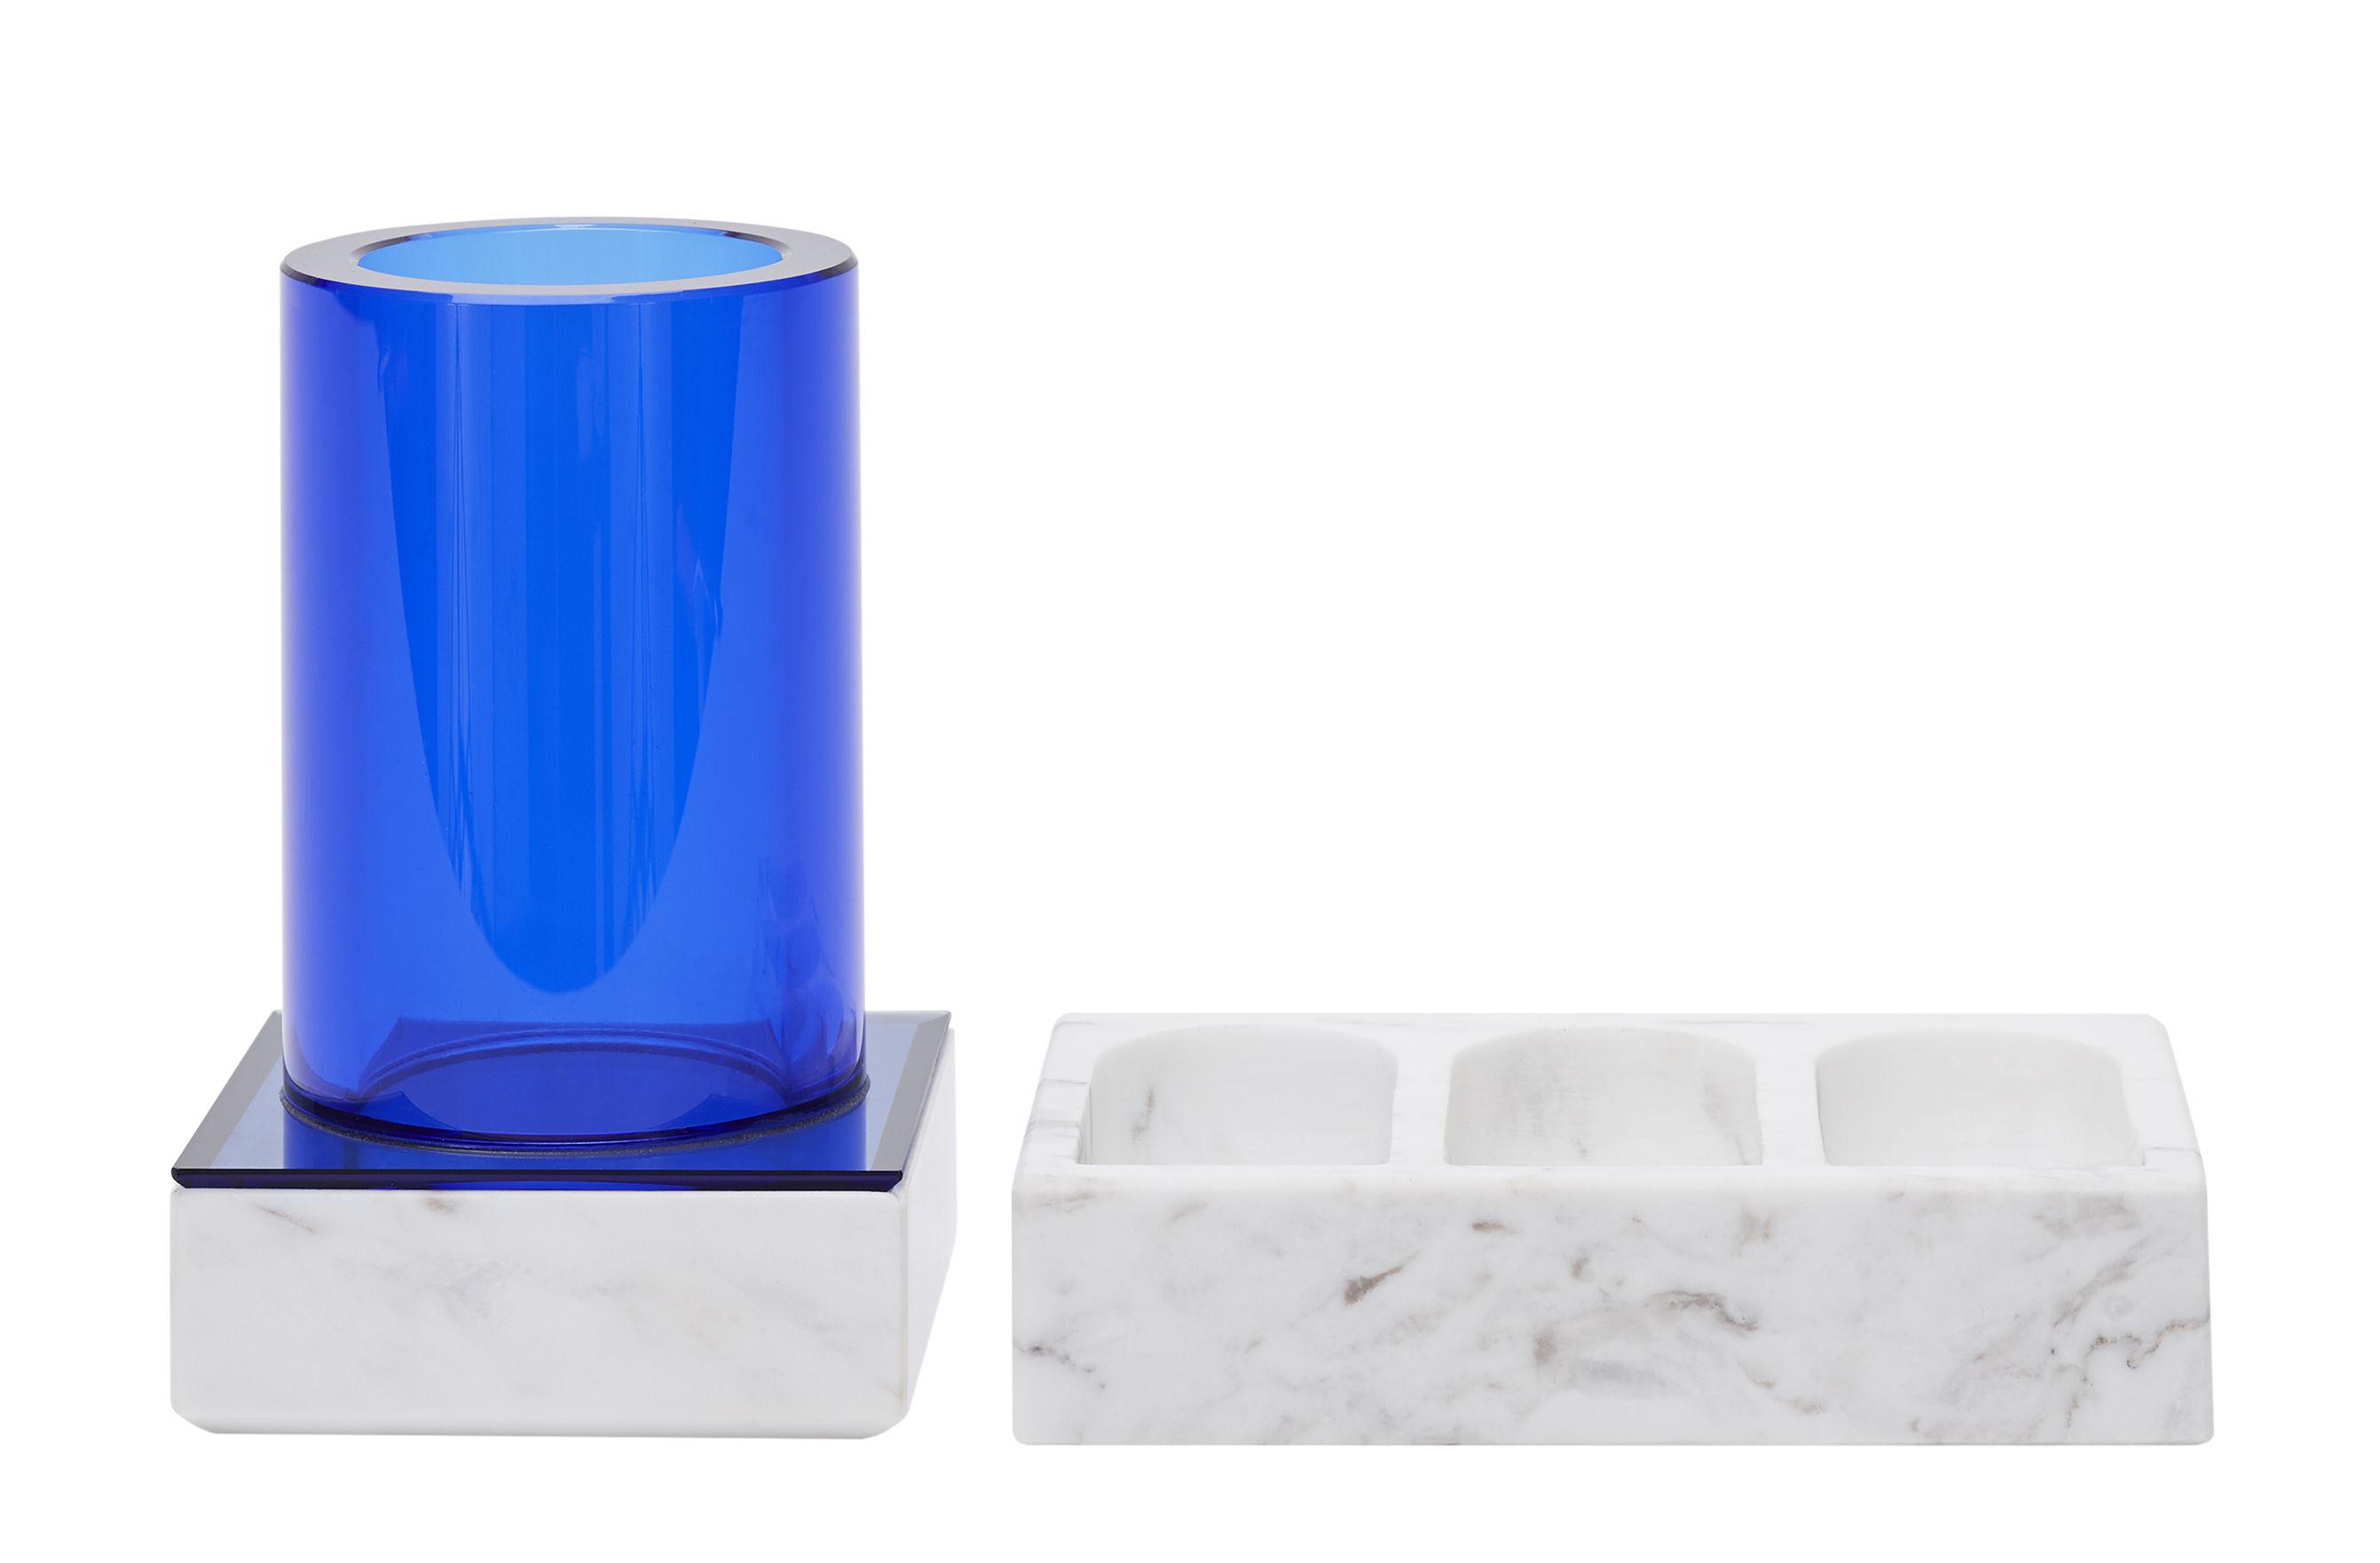 Accessoires - Accessoires salle de bains - Set Lid Tube / 1 pot + 2 plateaux marbre - Tom Dixon - Marbre blanc / Bleu - Marbre, Verre